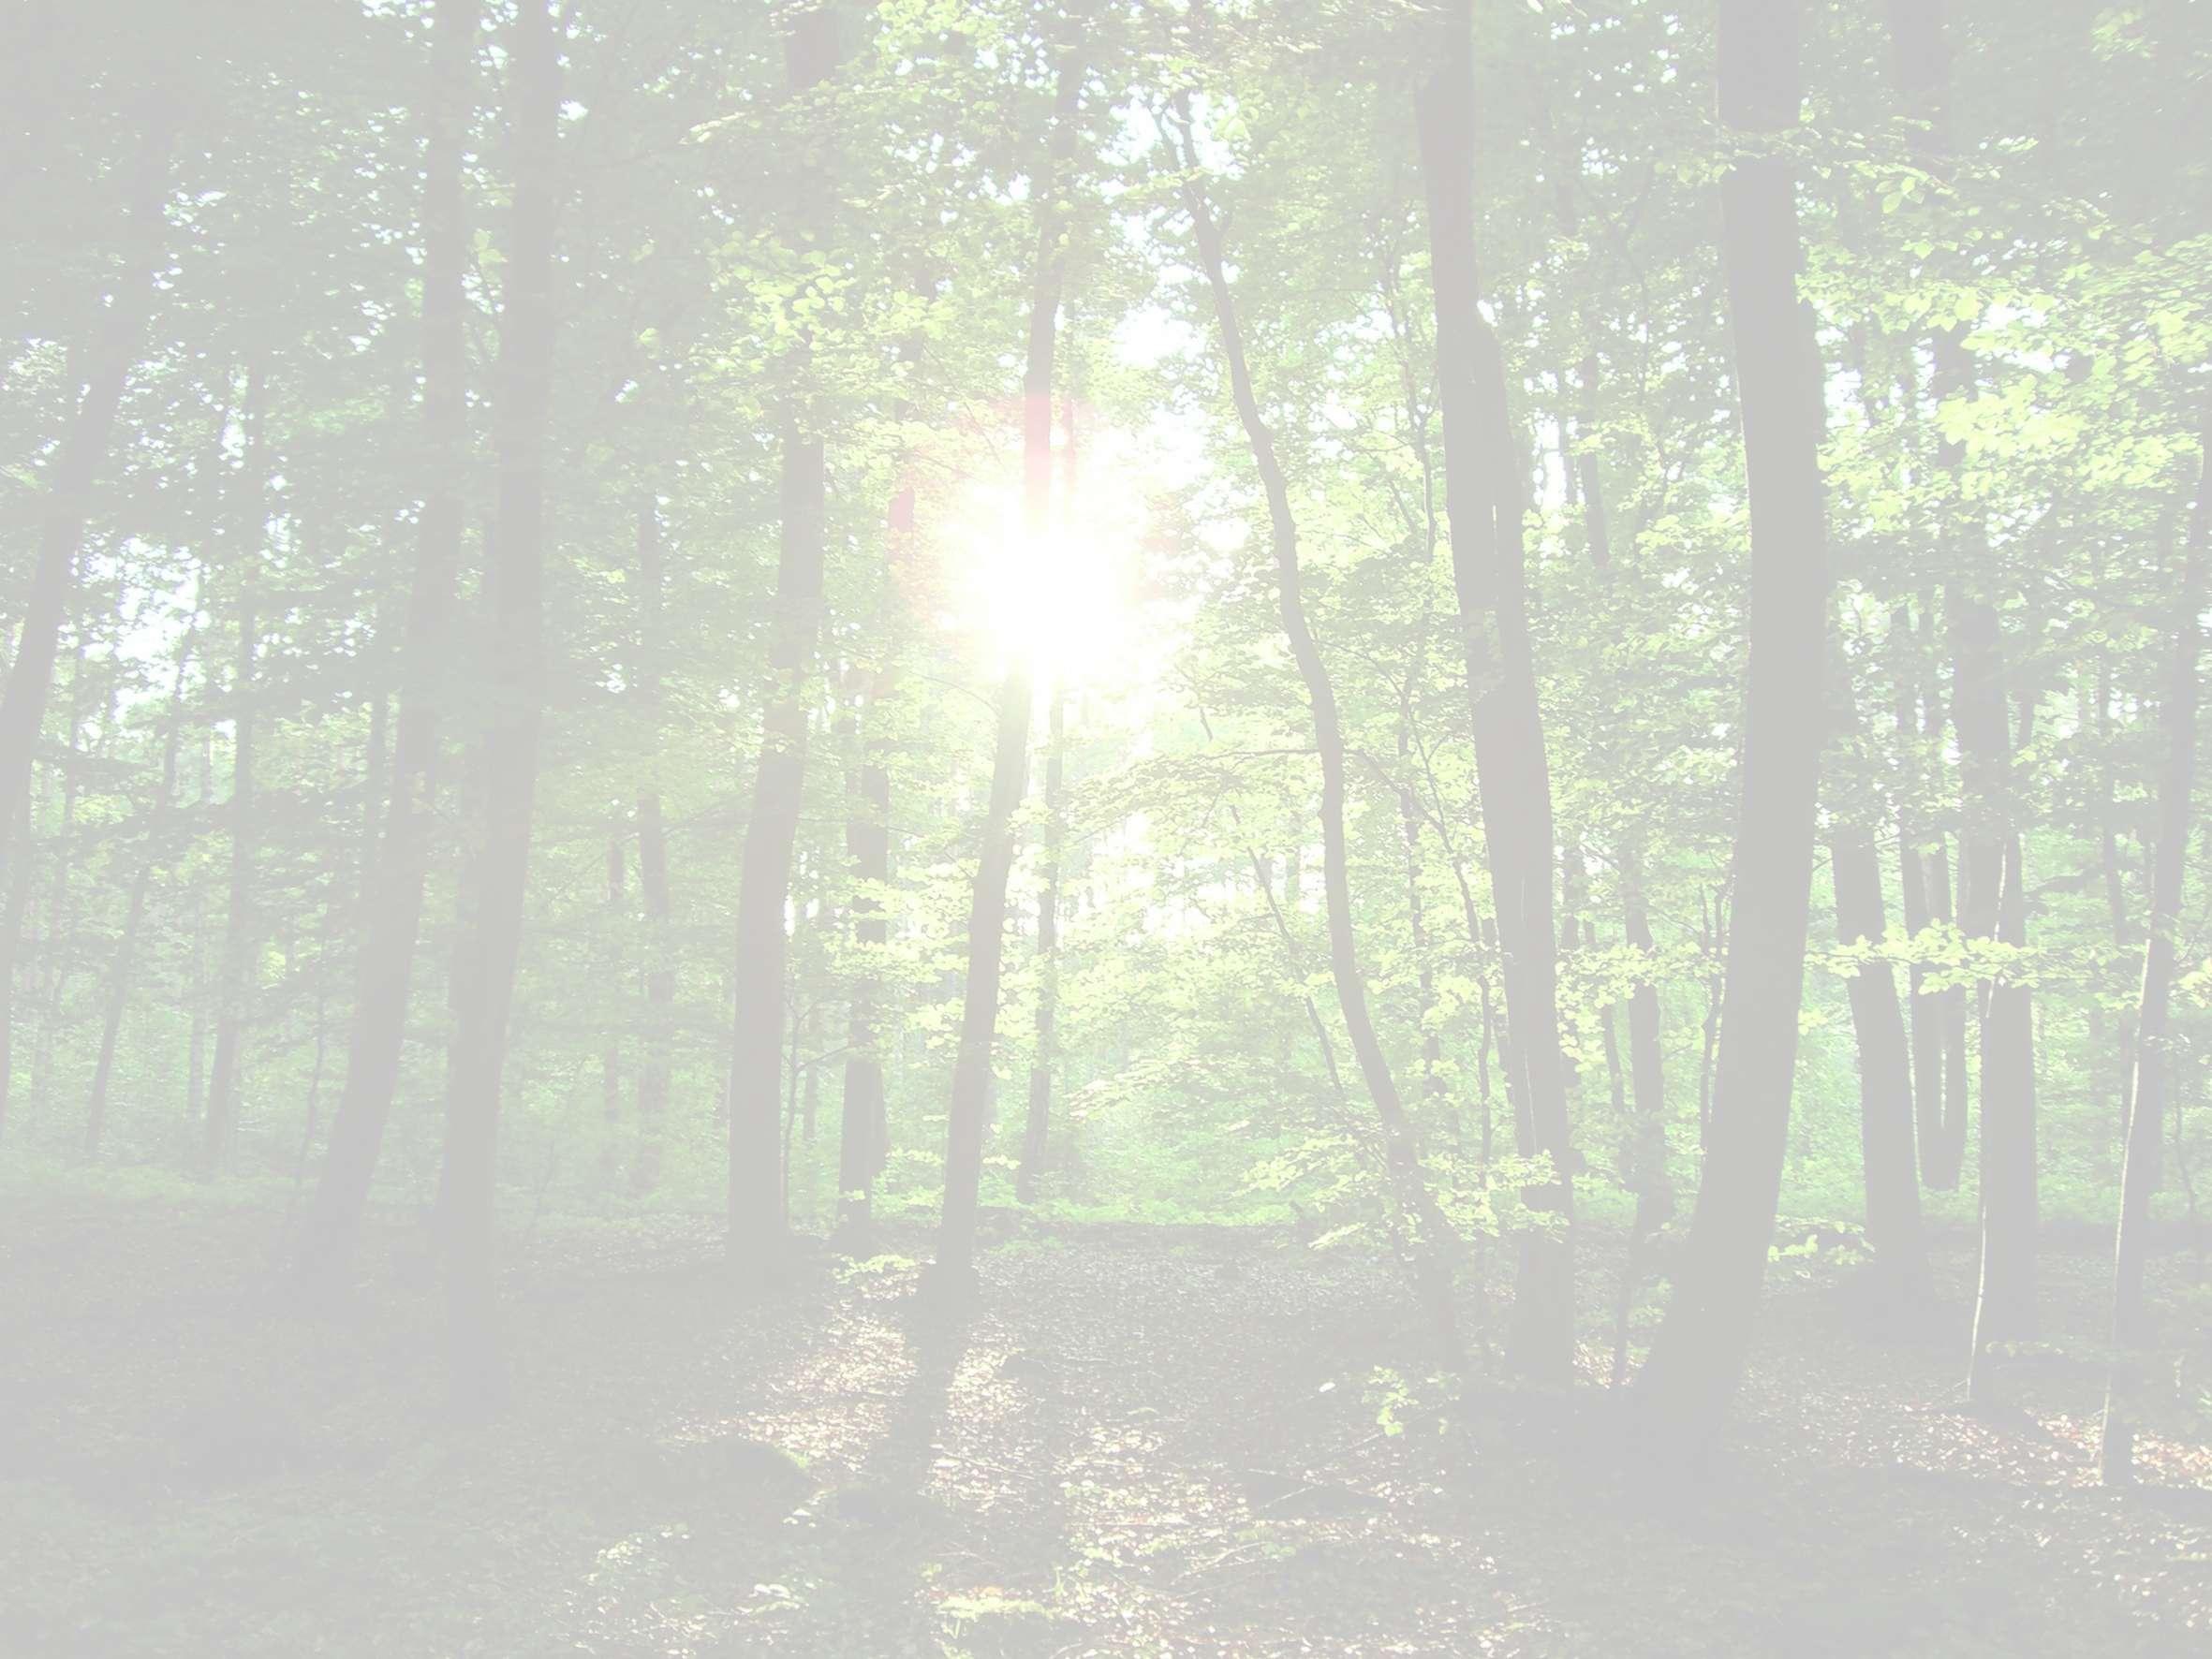 Klettergurt Für Baumpflege : Baumpflege schmidt seilklettertechnik